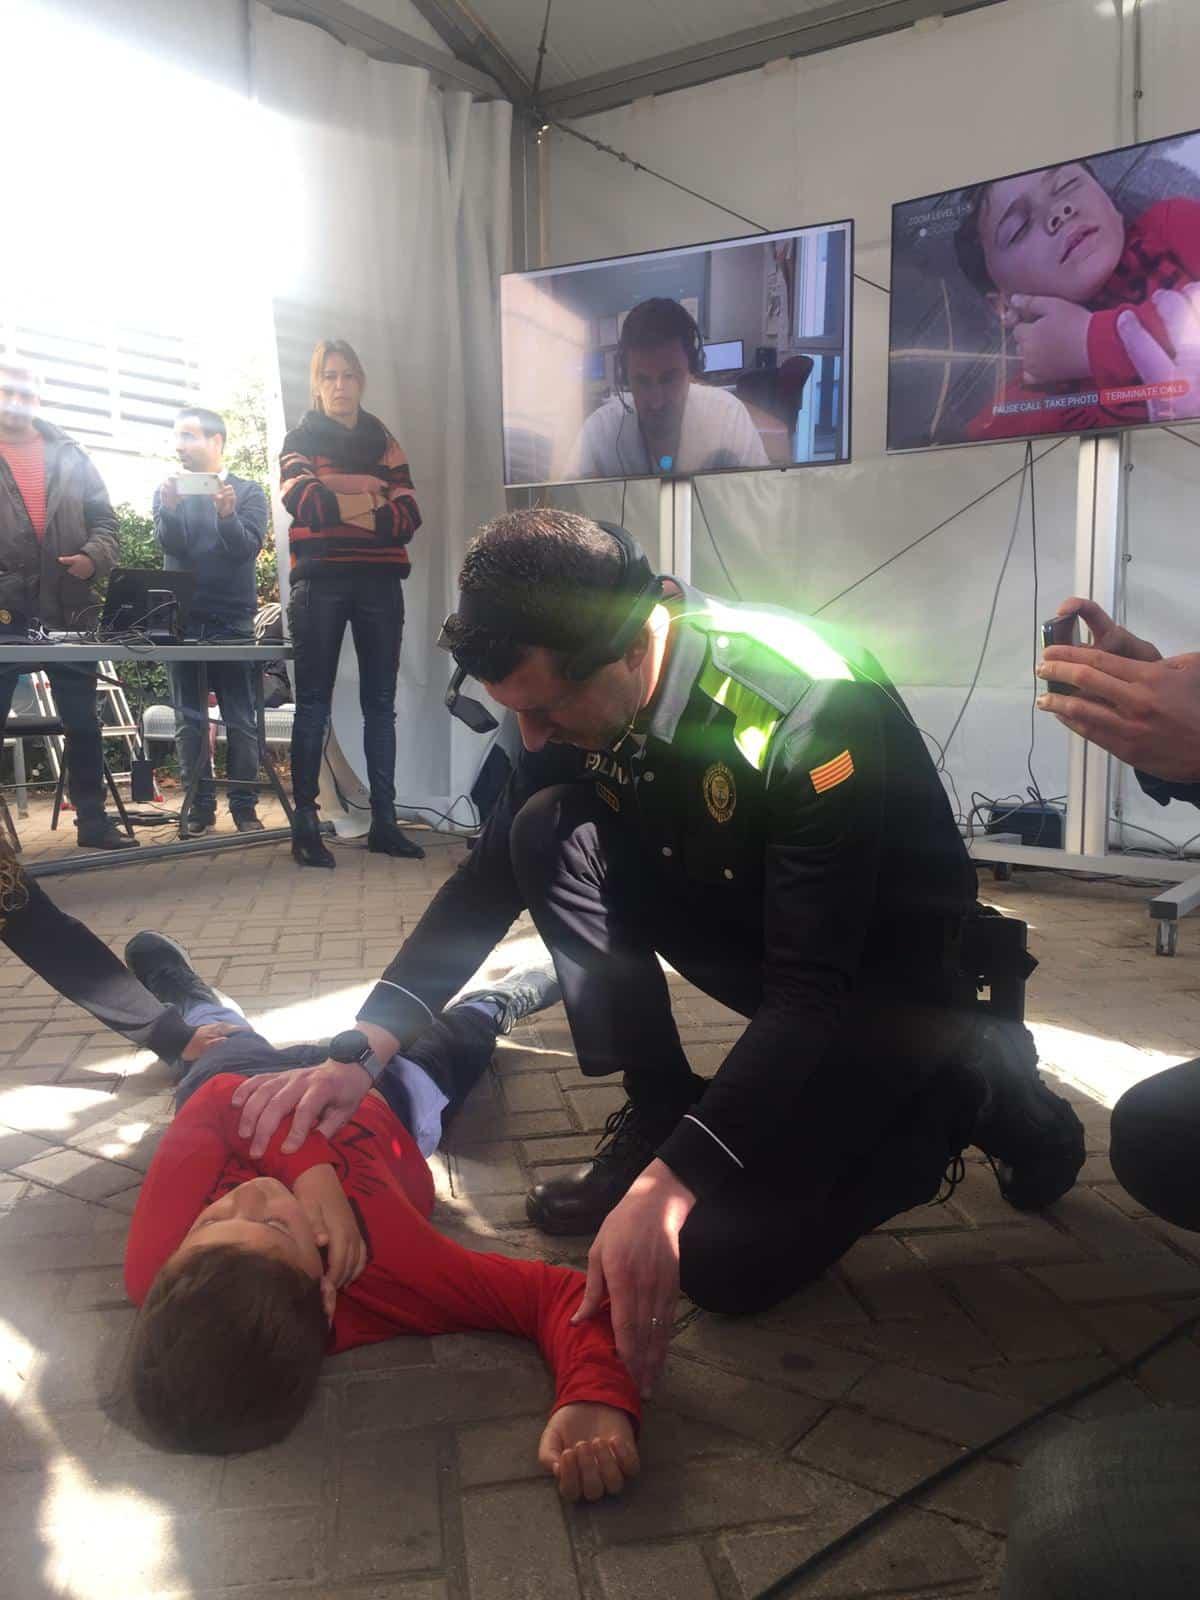 la tecnologia 5g permitira que la policia municipal de atencion sanitaria de urgencias en tiempo real 2